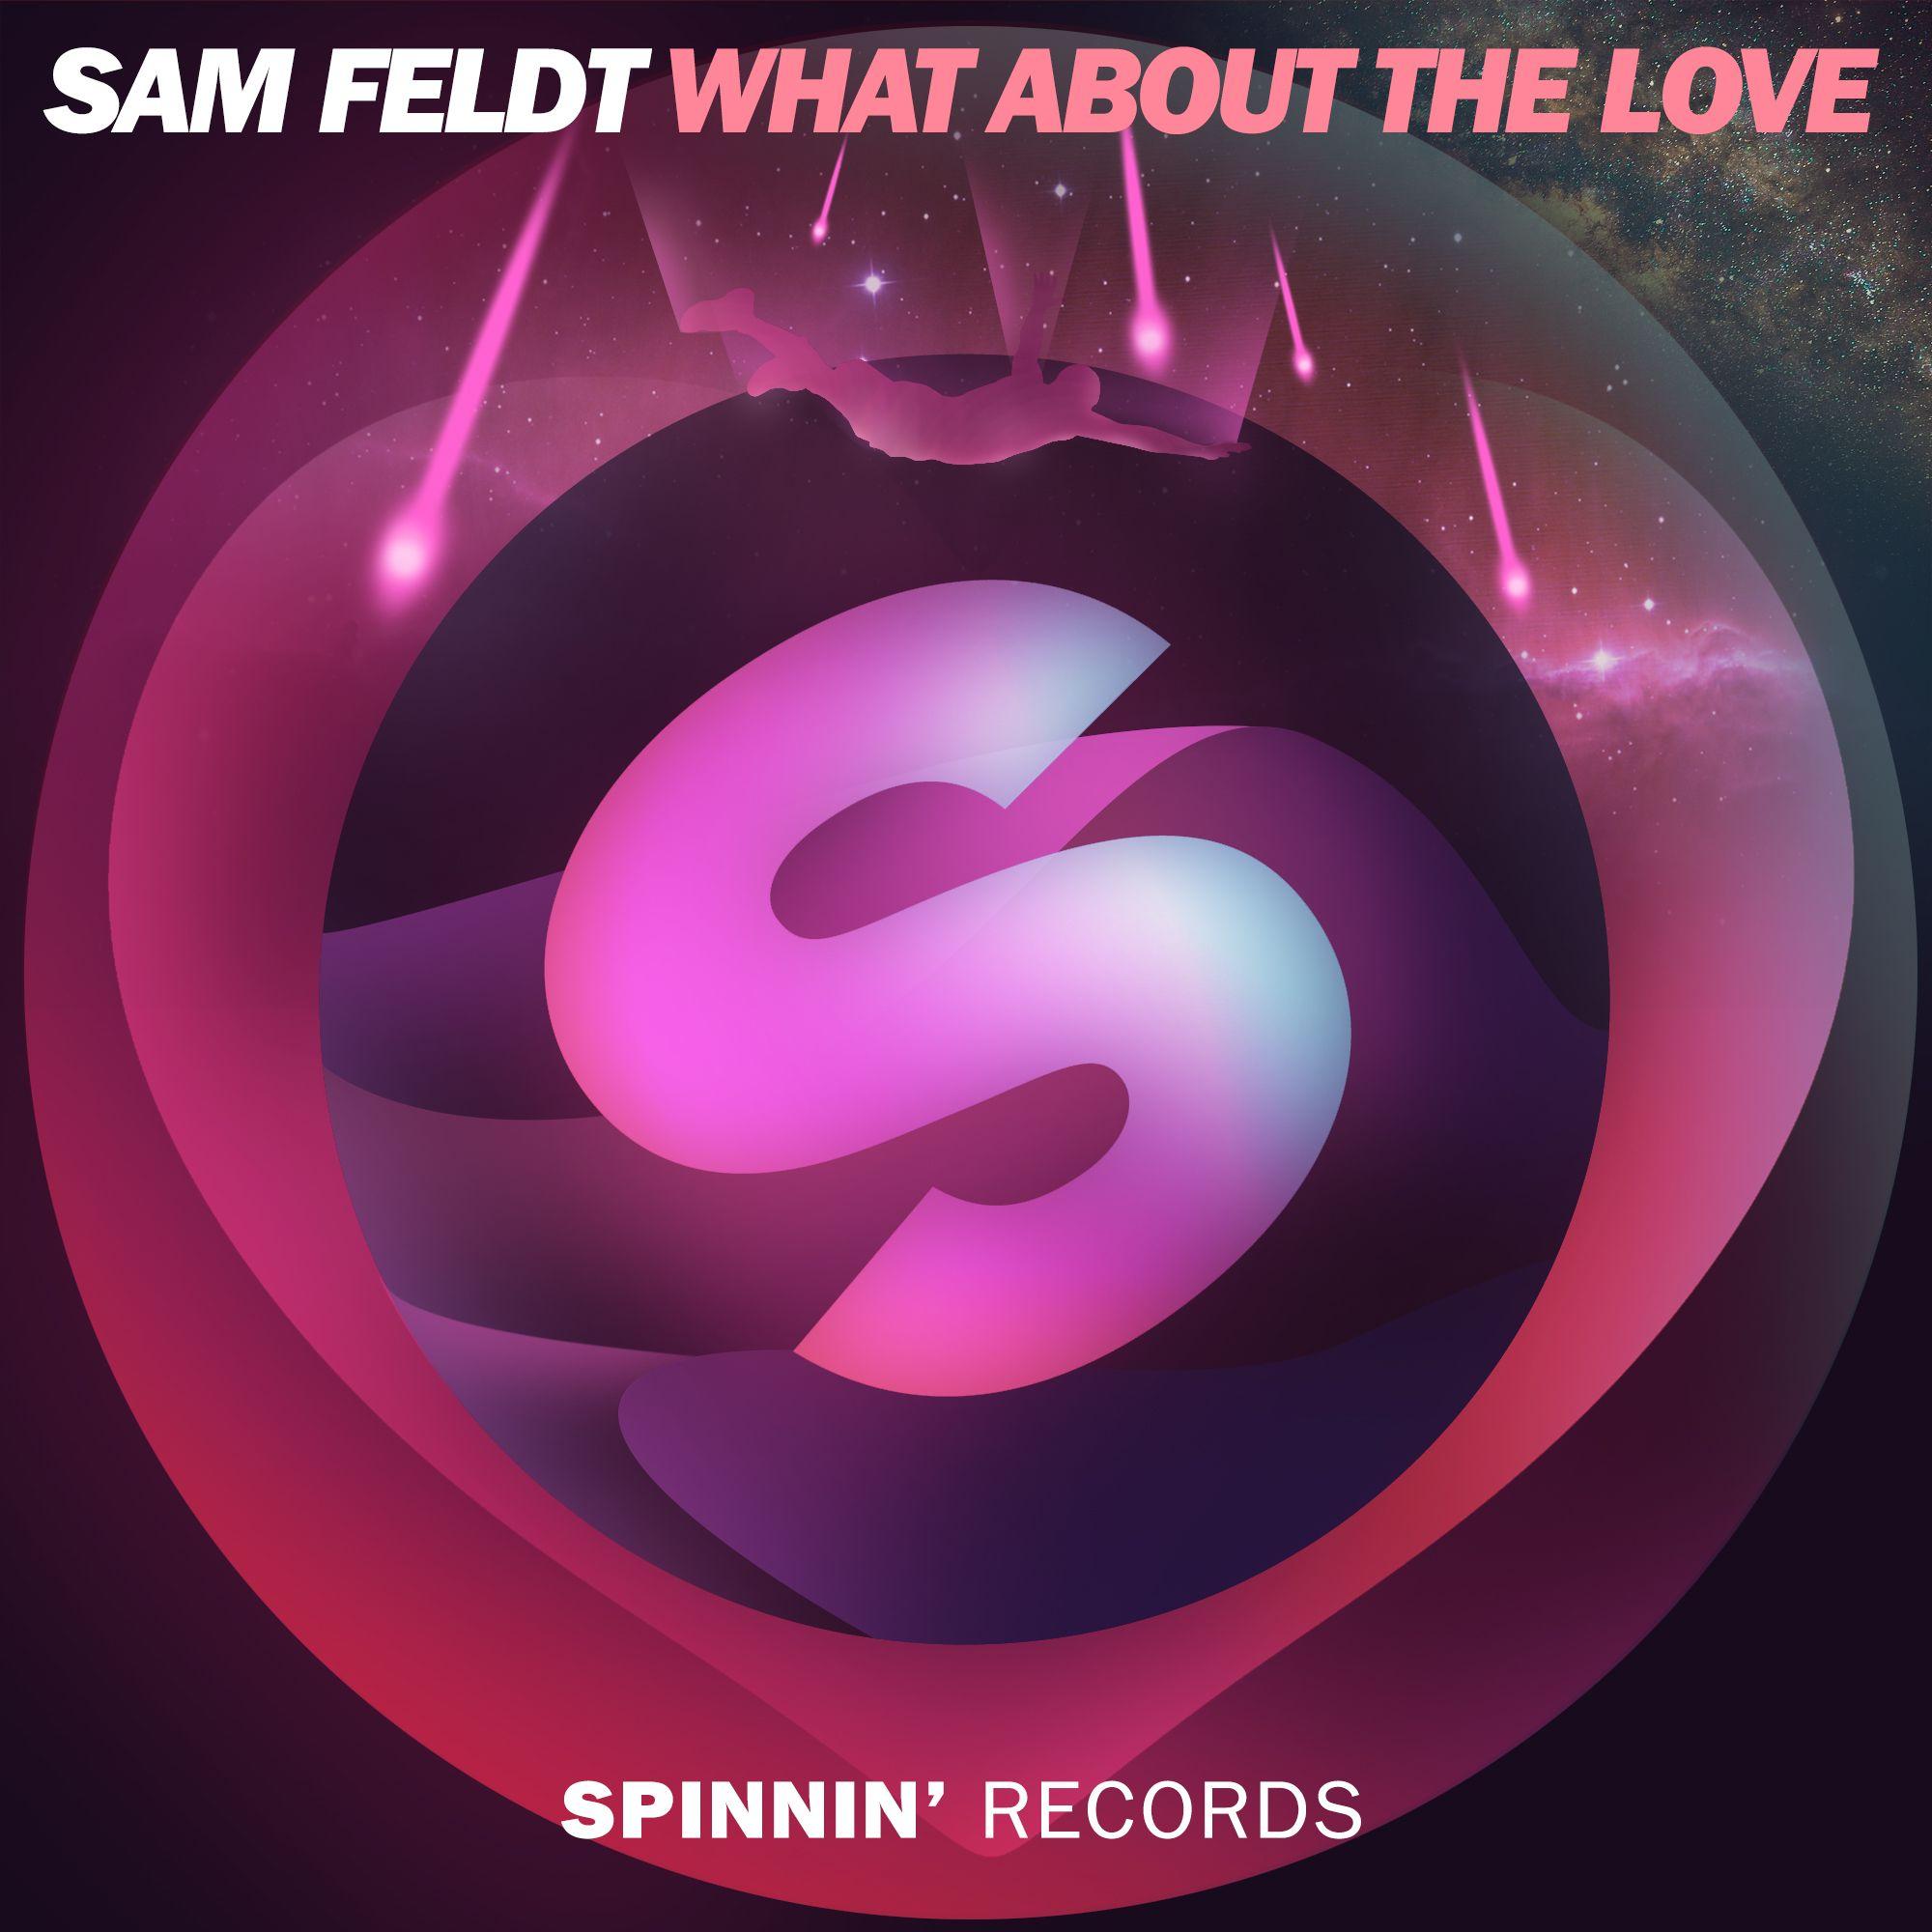 spinnin_sam_feldt_-_what_about_love.jpg